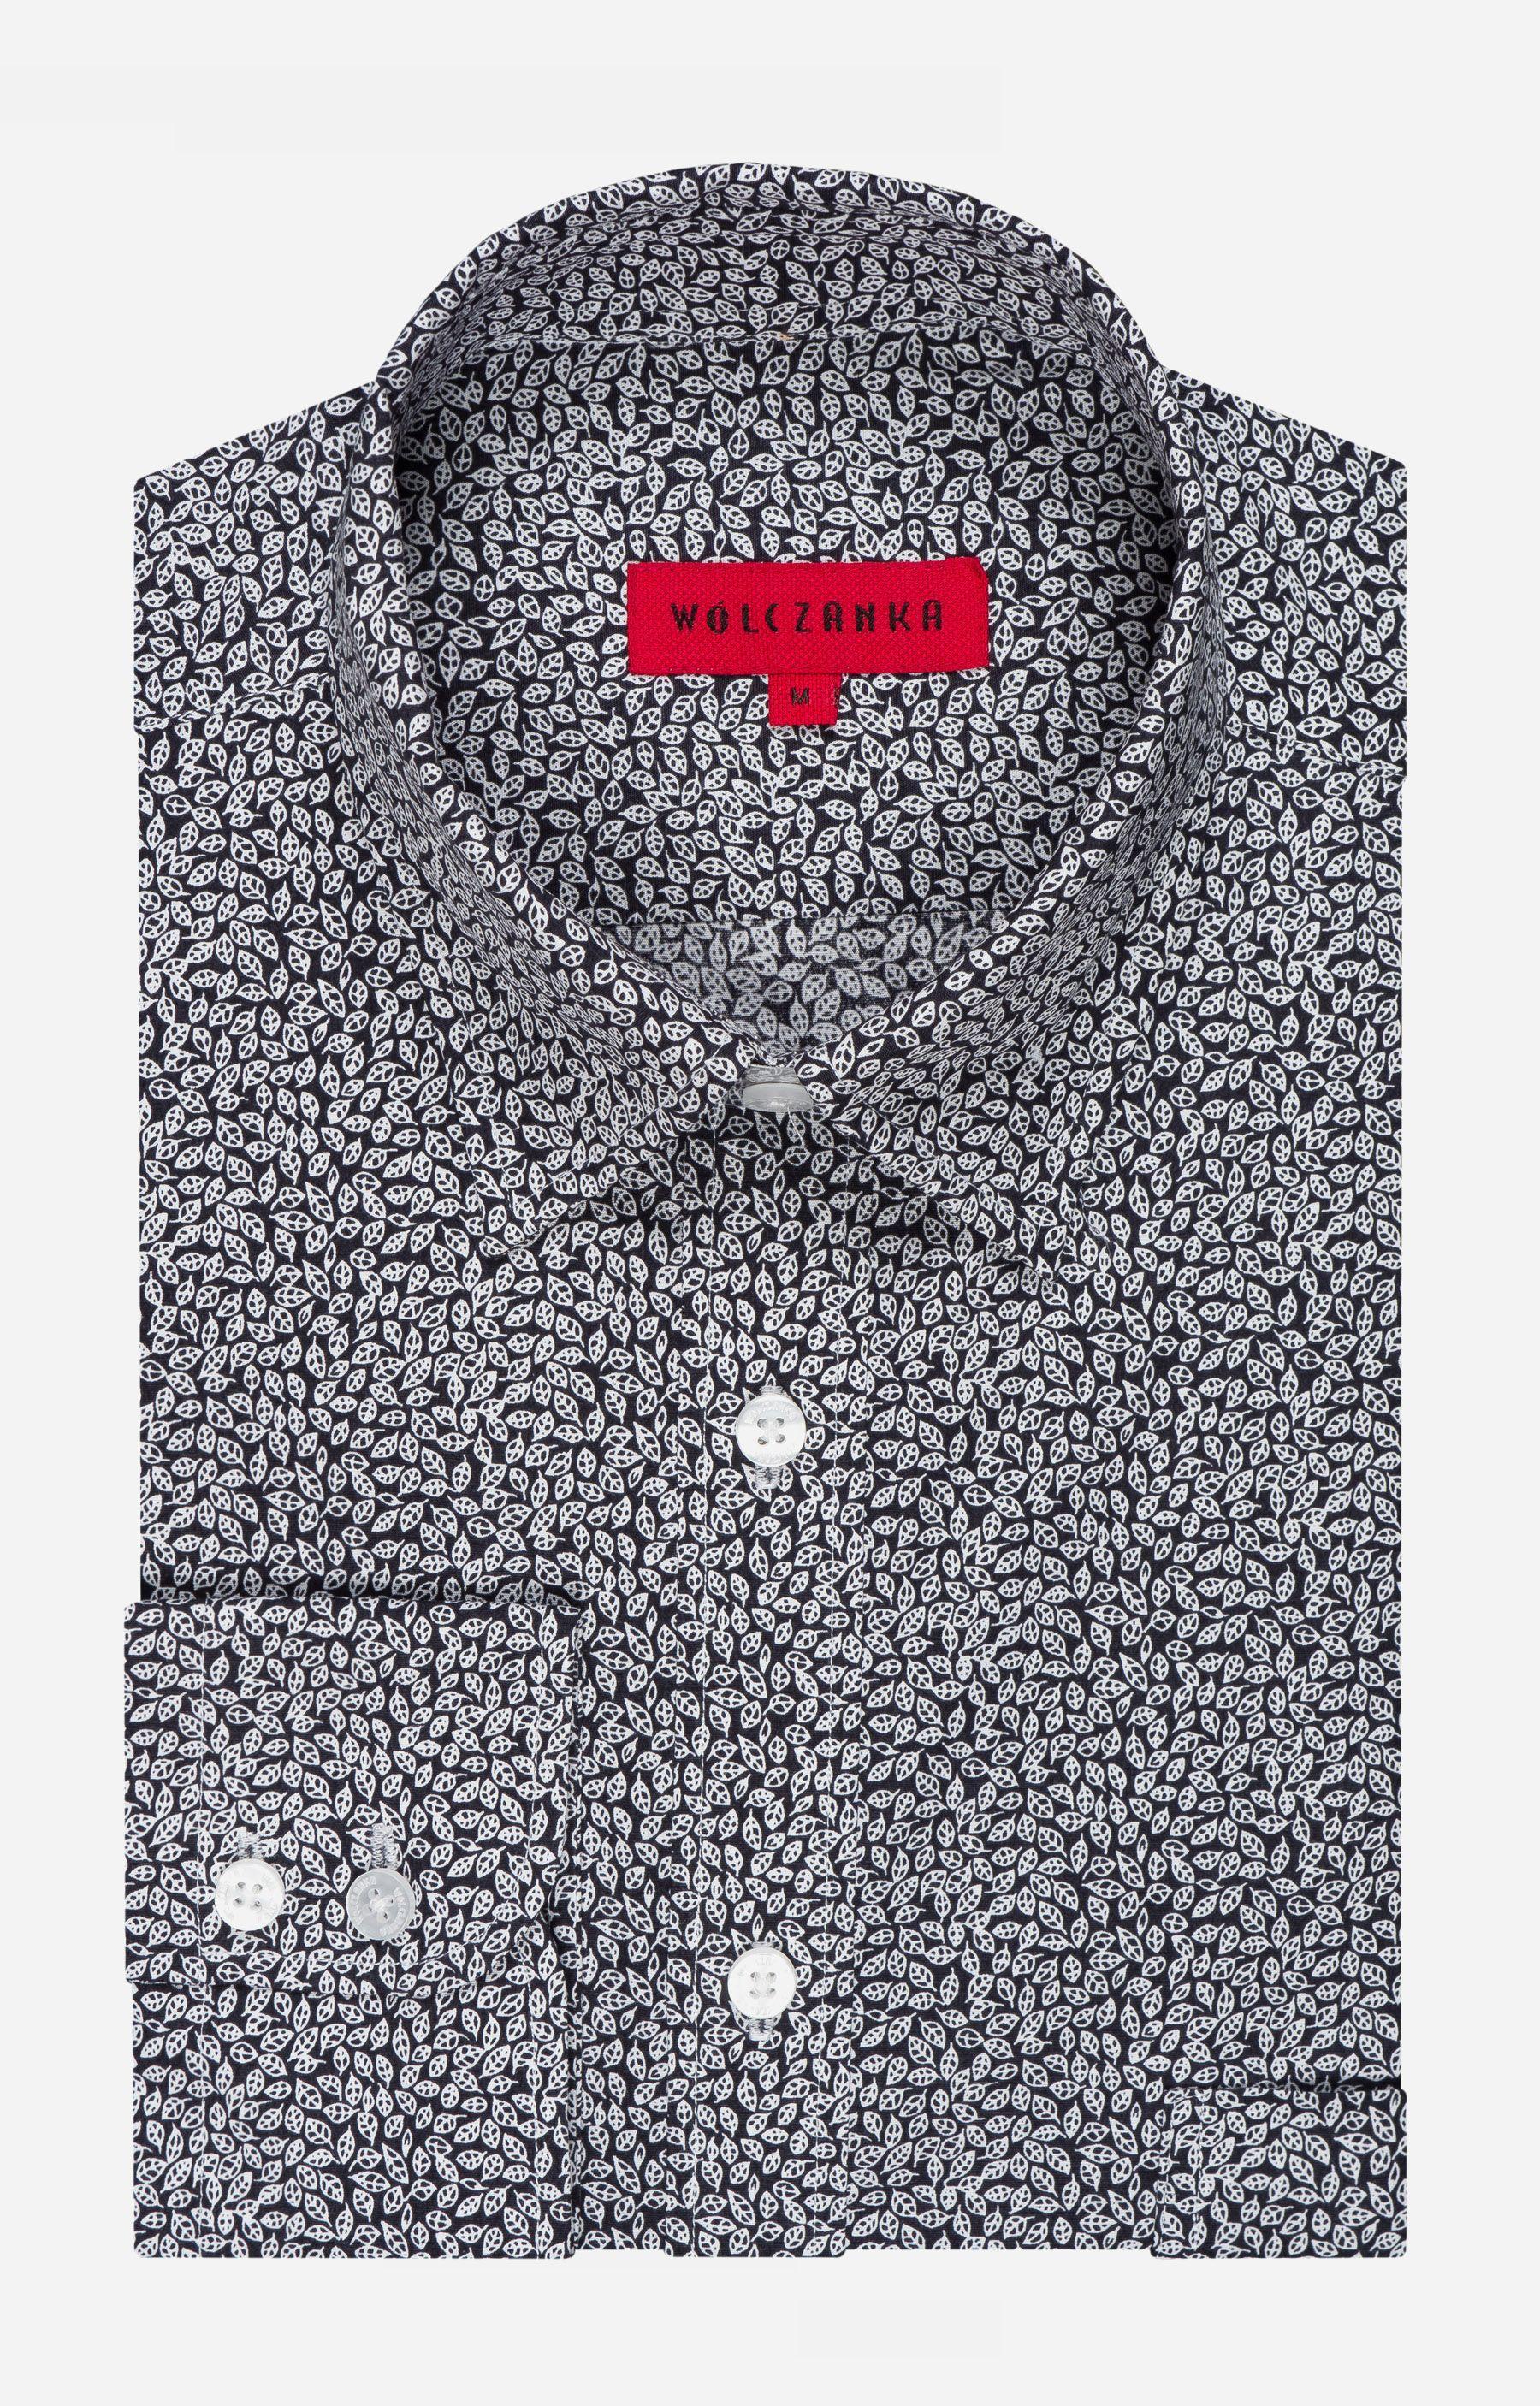 e51919e9cc3e36 Koszule we wzory - Czarna koszula męska WÓLCZANKA - AW75WL7606 - sklep  Wólczanka.pl